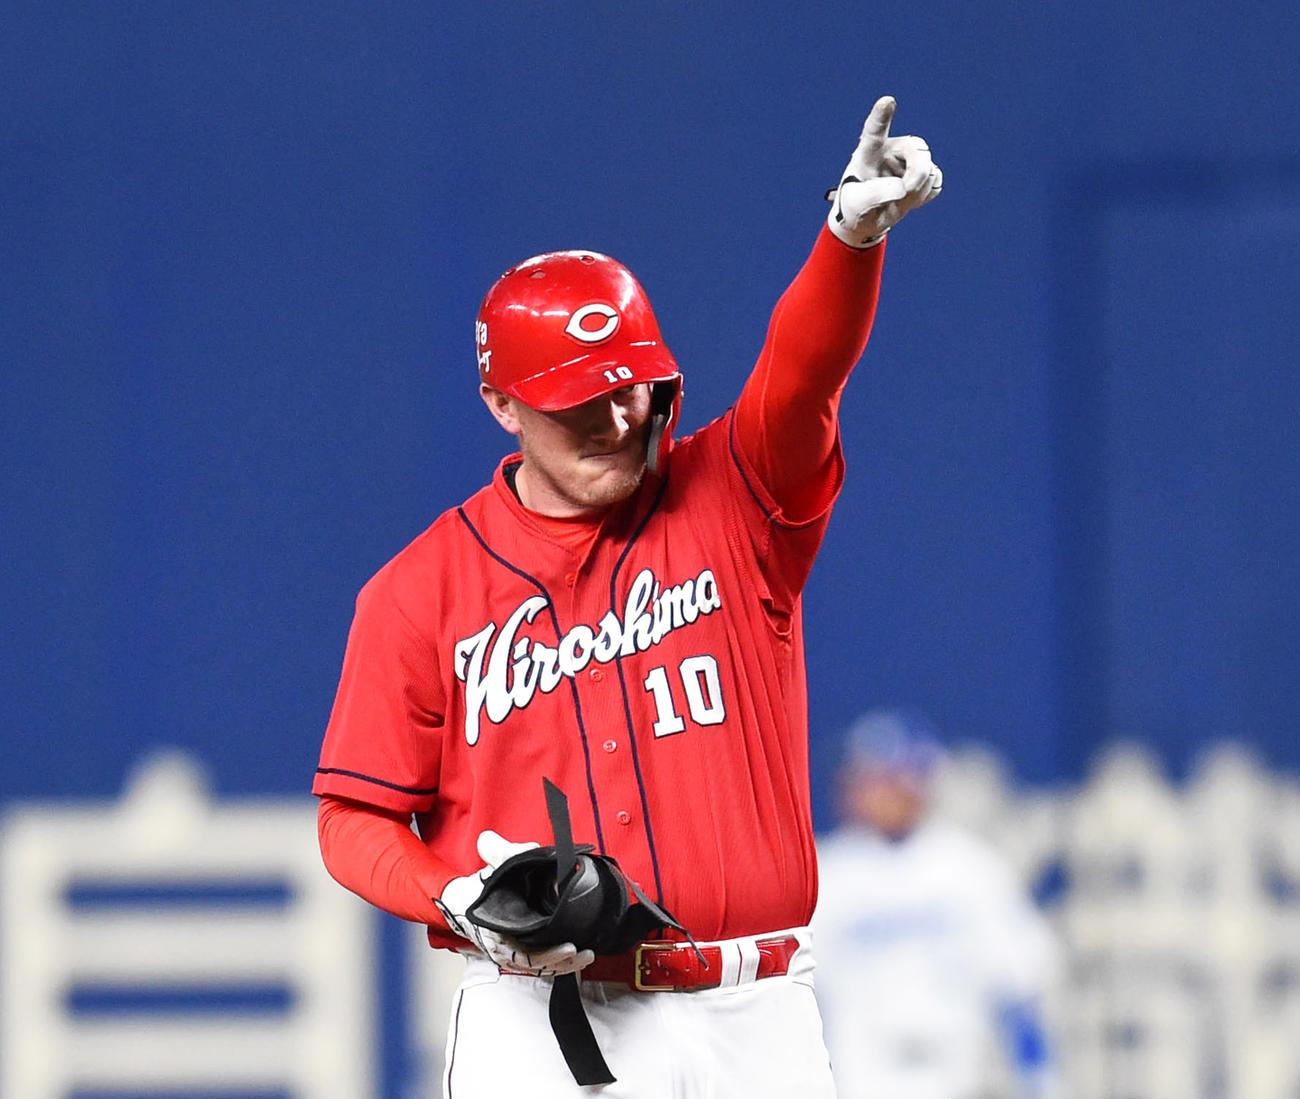 8回表広島1死満塁、左2点適時二塁打を放ったクロン(撮影・森本幸一)